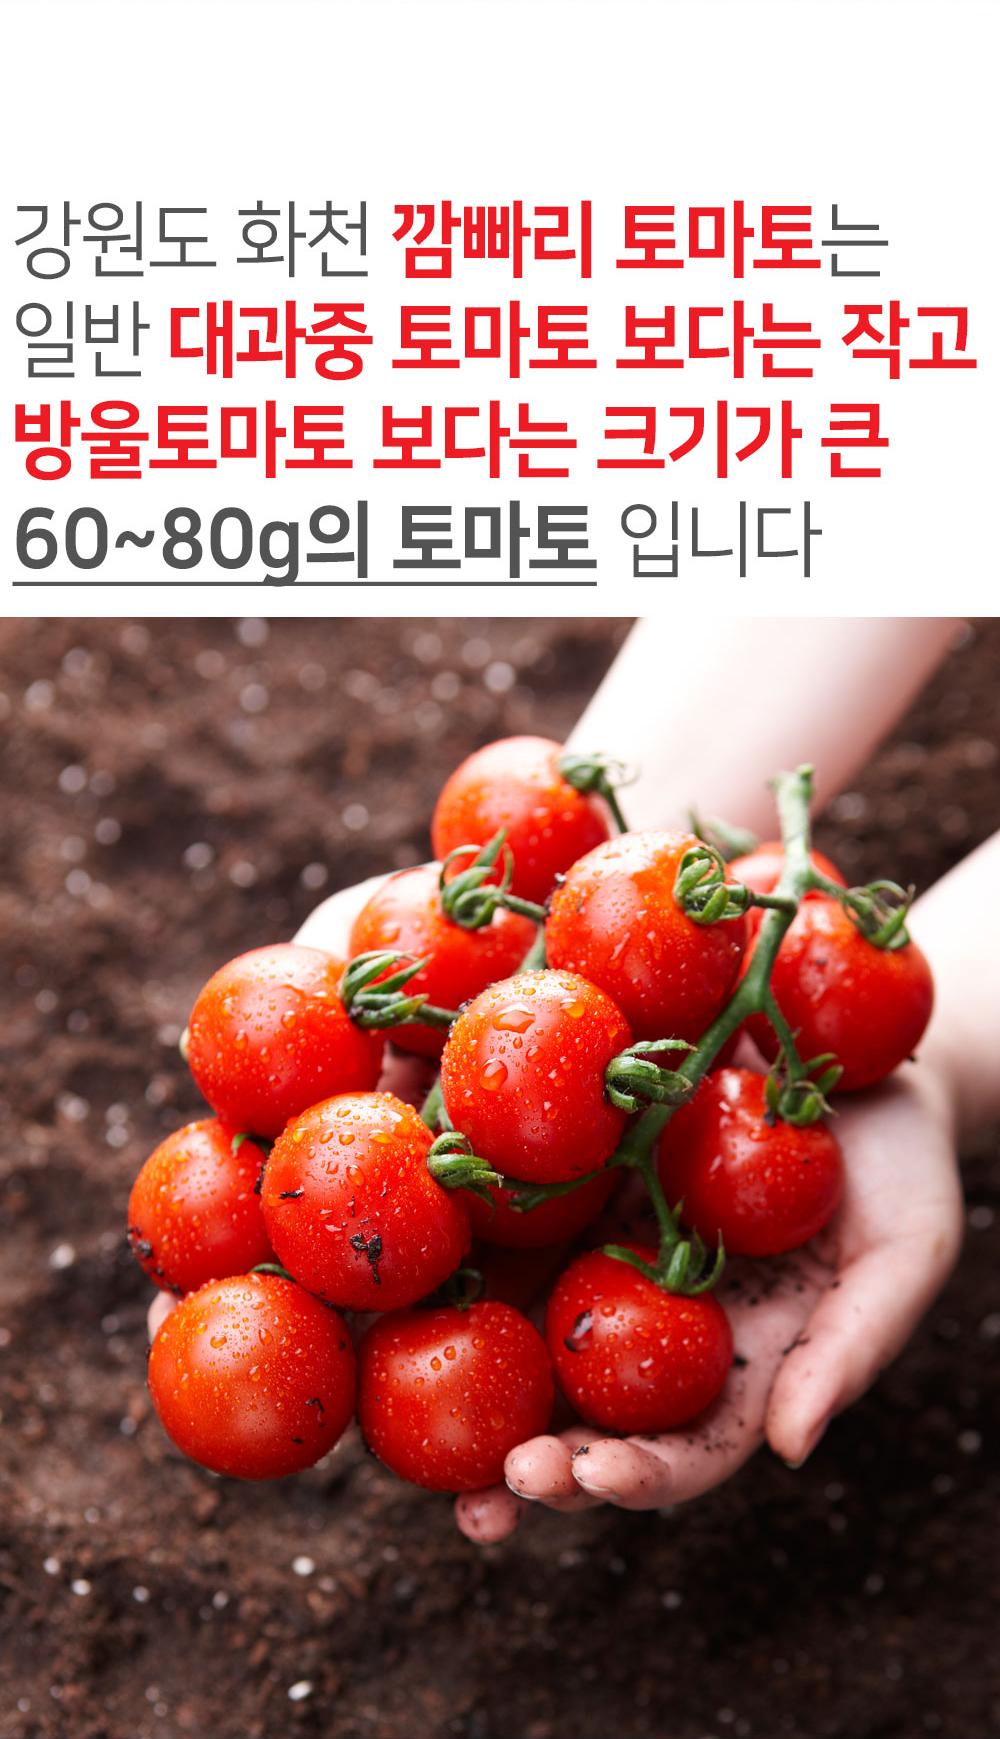 강원도-화천-깜빠리-토마토_상세페이지_04.jpg